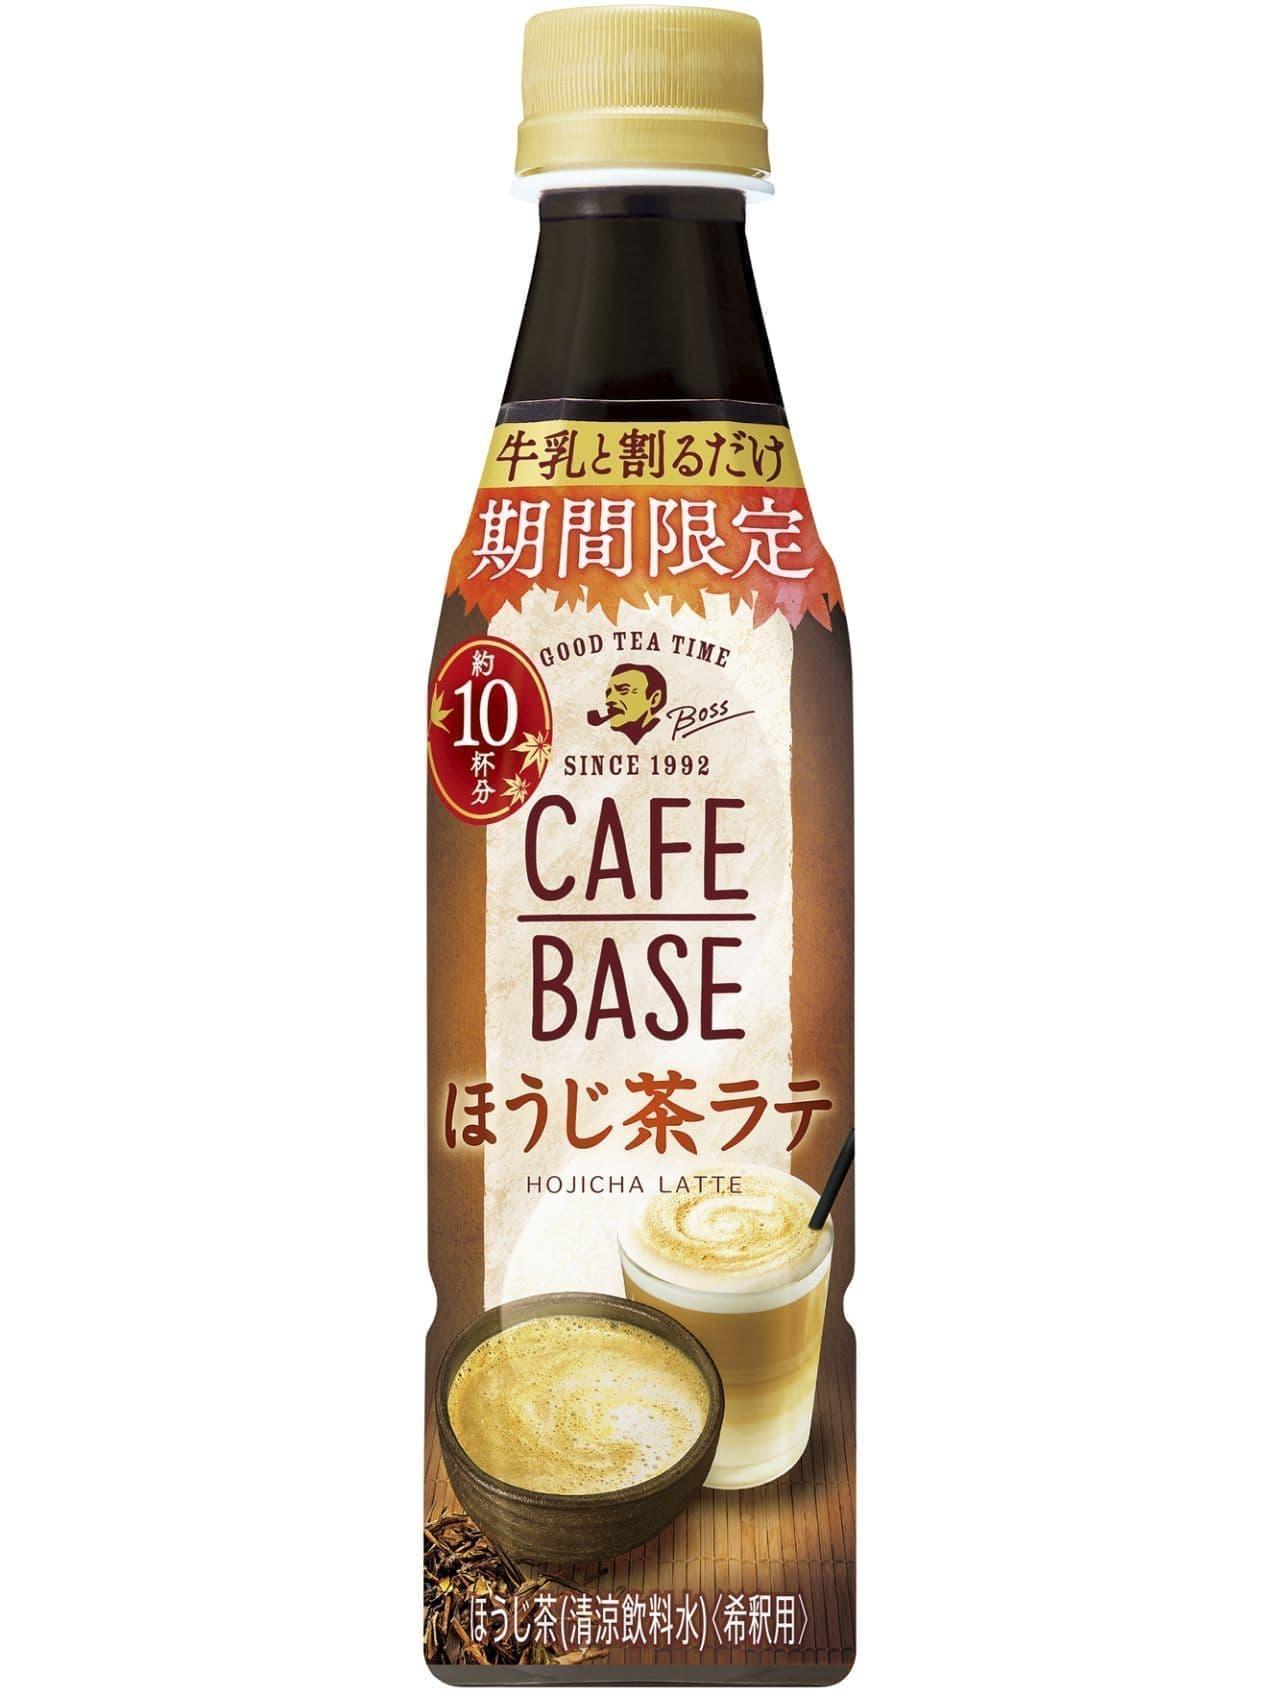 サントリー「ボス カフェベース ほうじ茶ラテ」